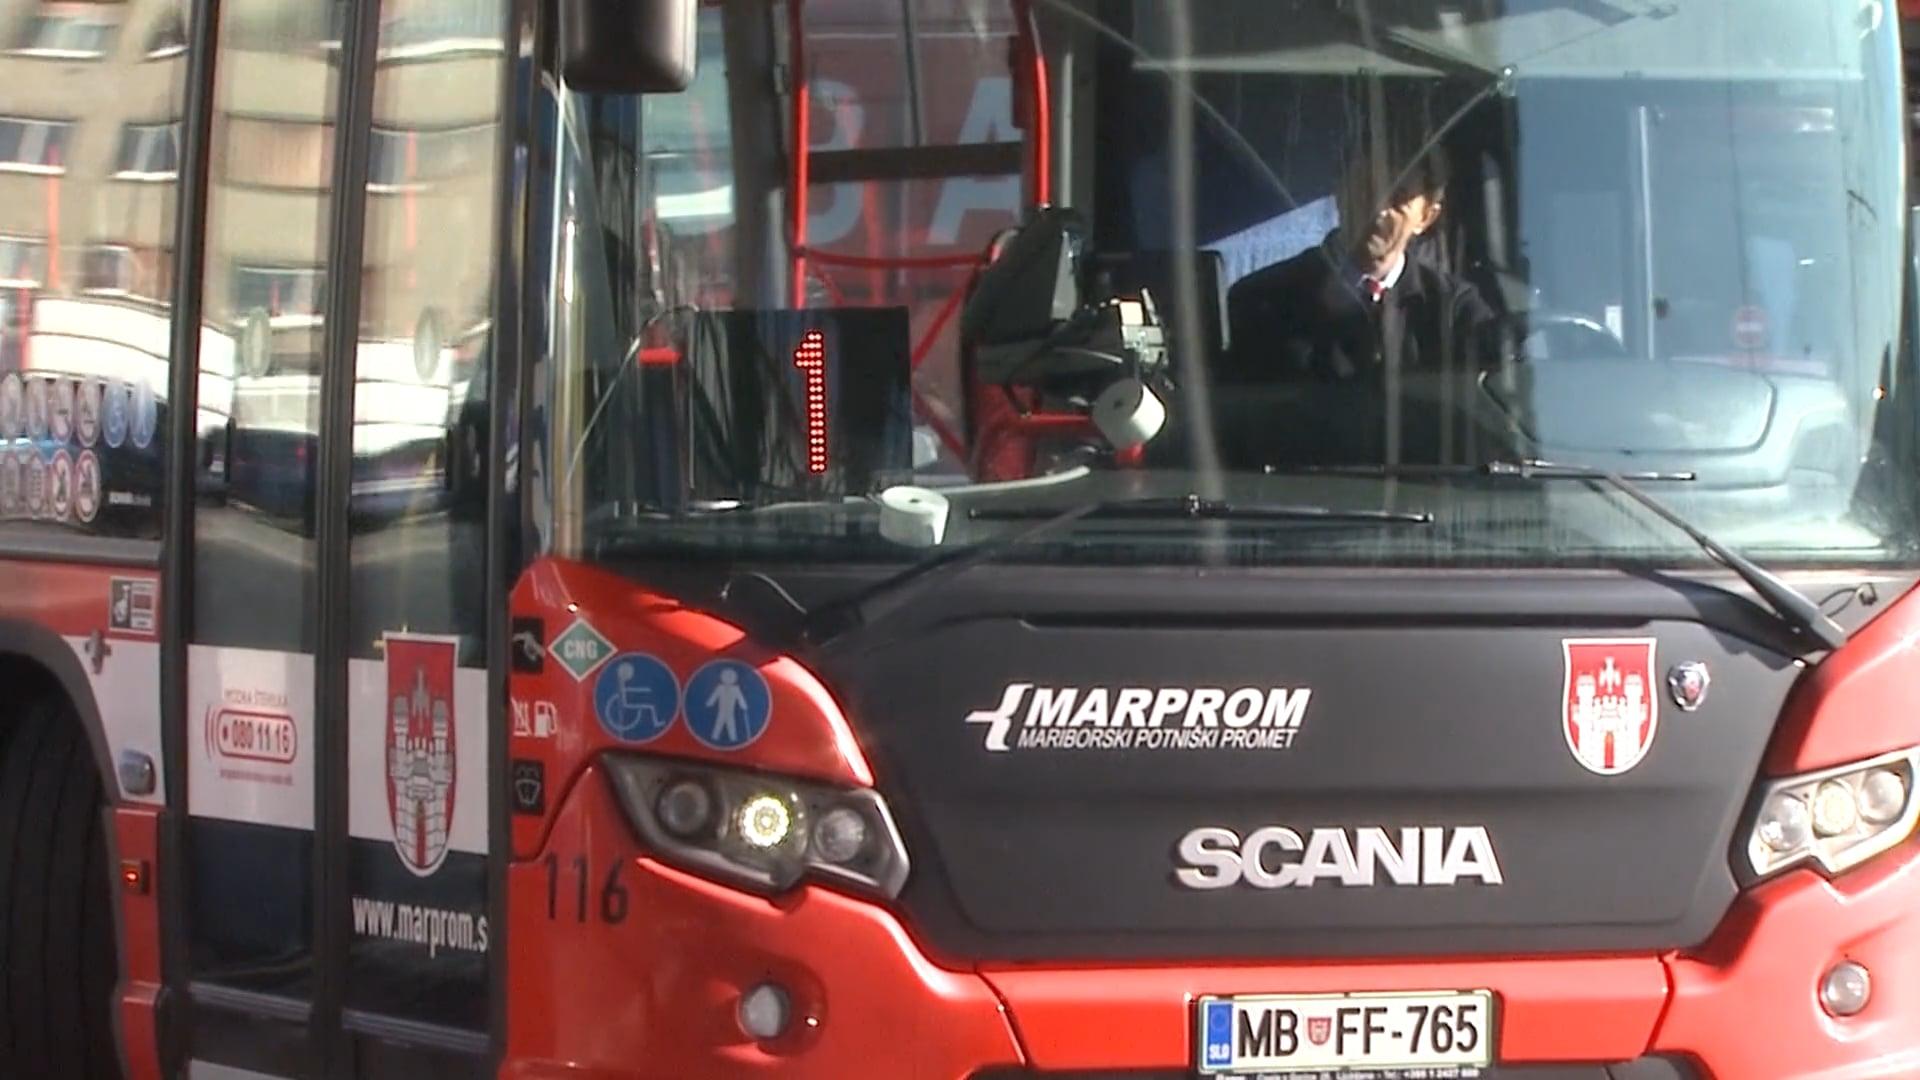 Javni promet v Mariboru že ustavljen